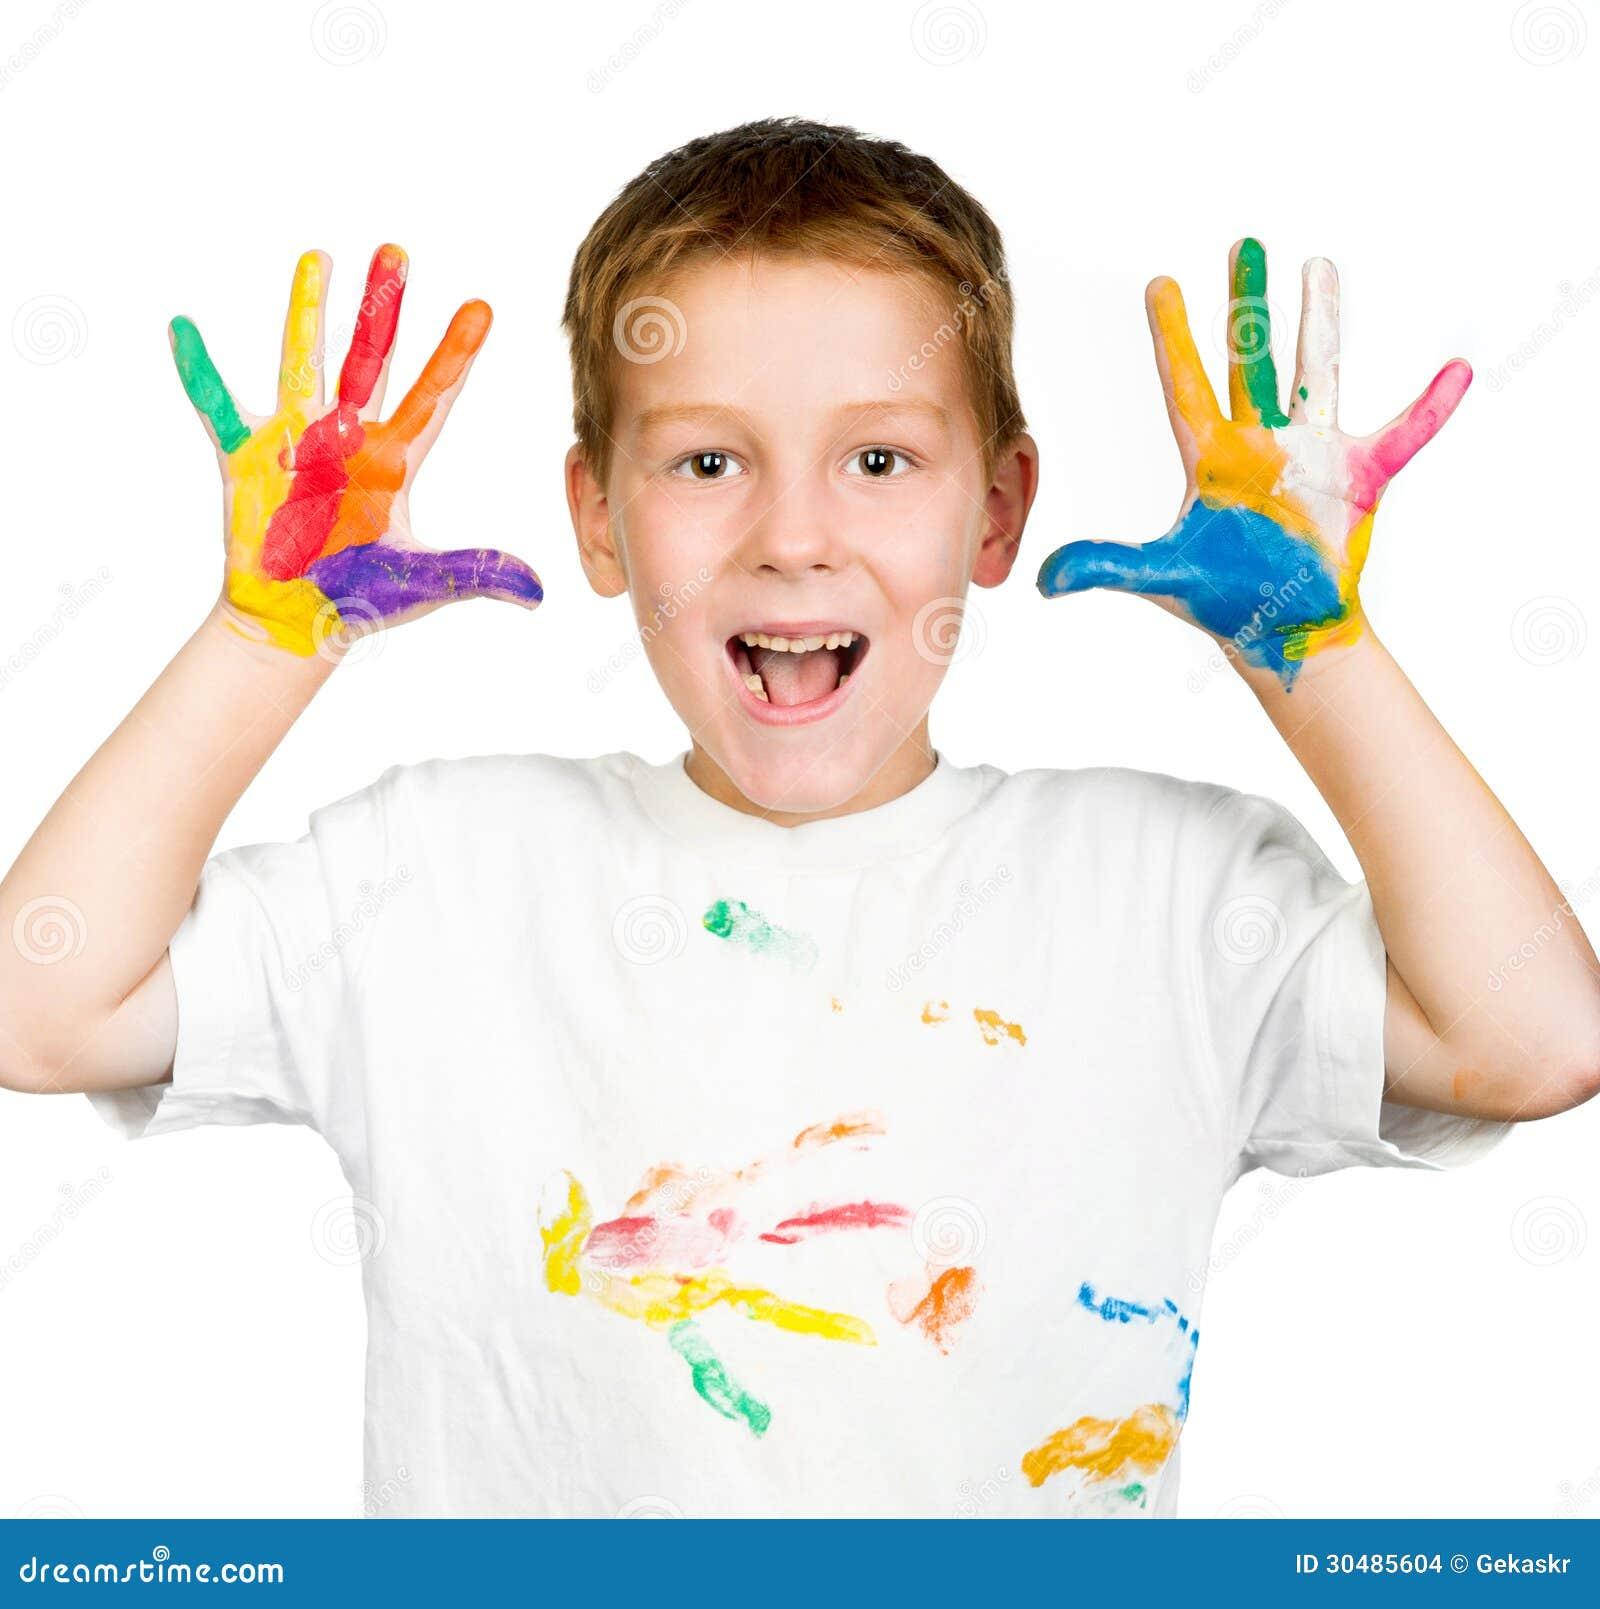 Il ragazzo mostra le sue mani dipinte con pittura